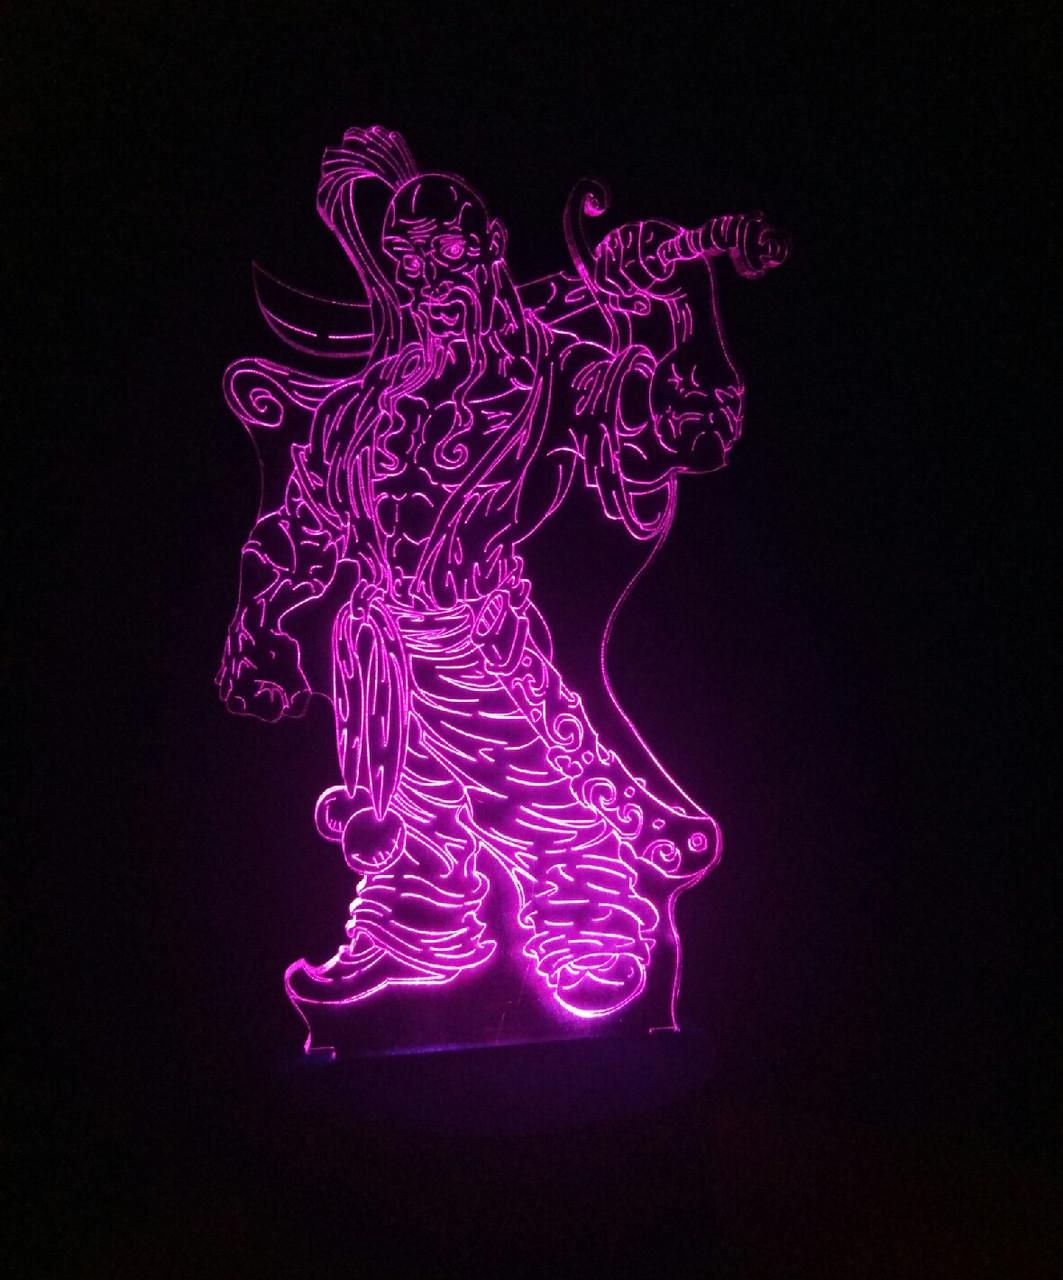 3d-світильник Козак з шаблею, 3д-нічник, кілька підсвічувань (на батарейці)